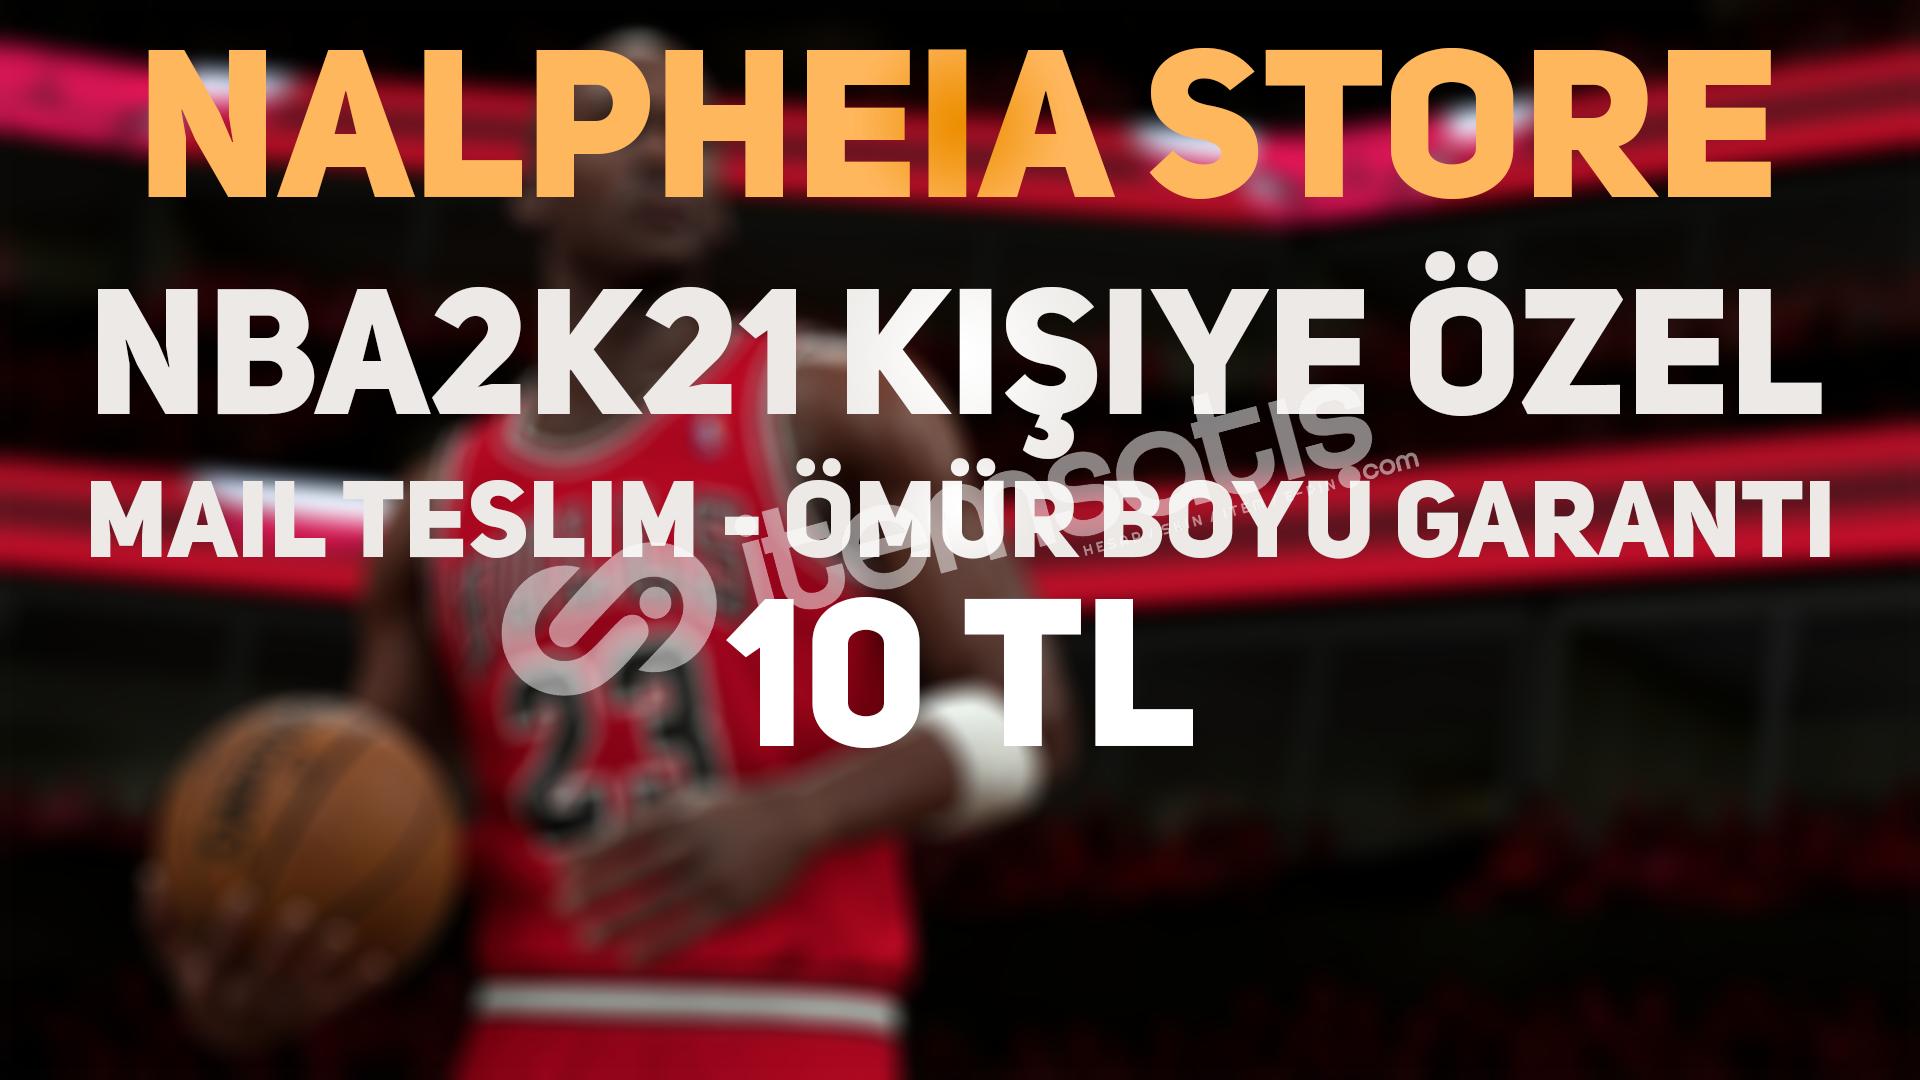 NBA 2K21 KİŞİYE ÖZEL MAİL TESLİM